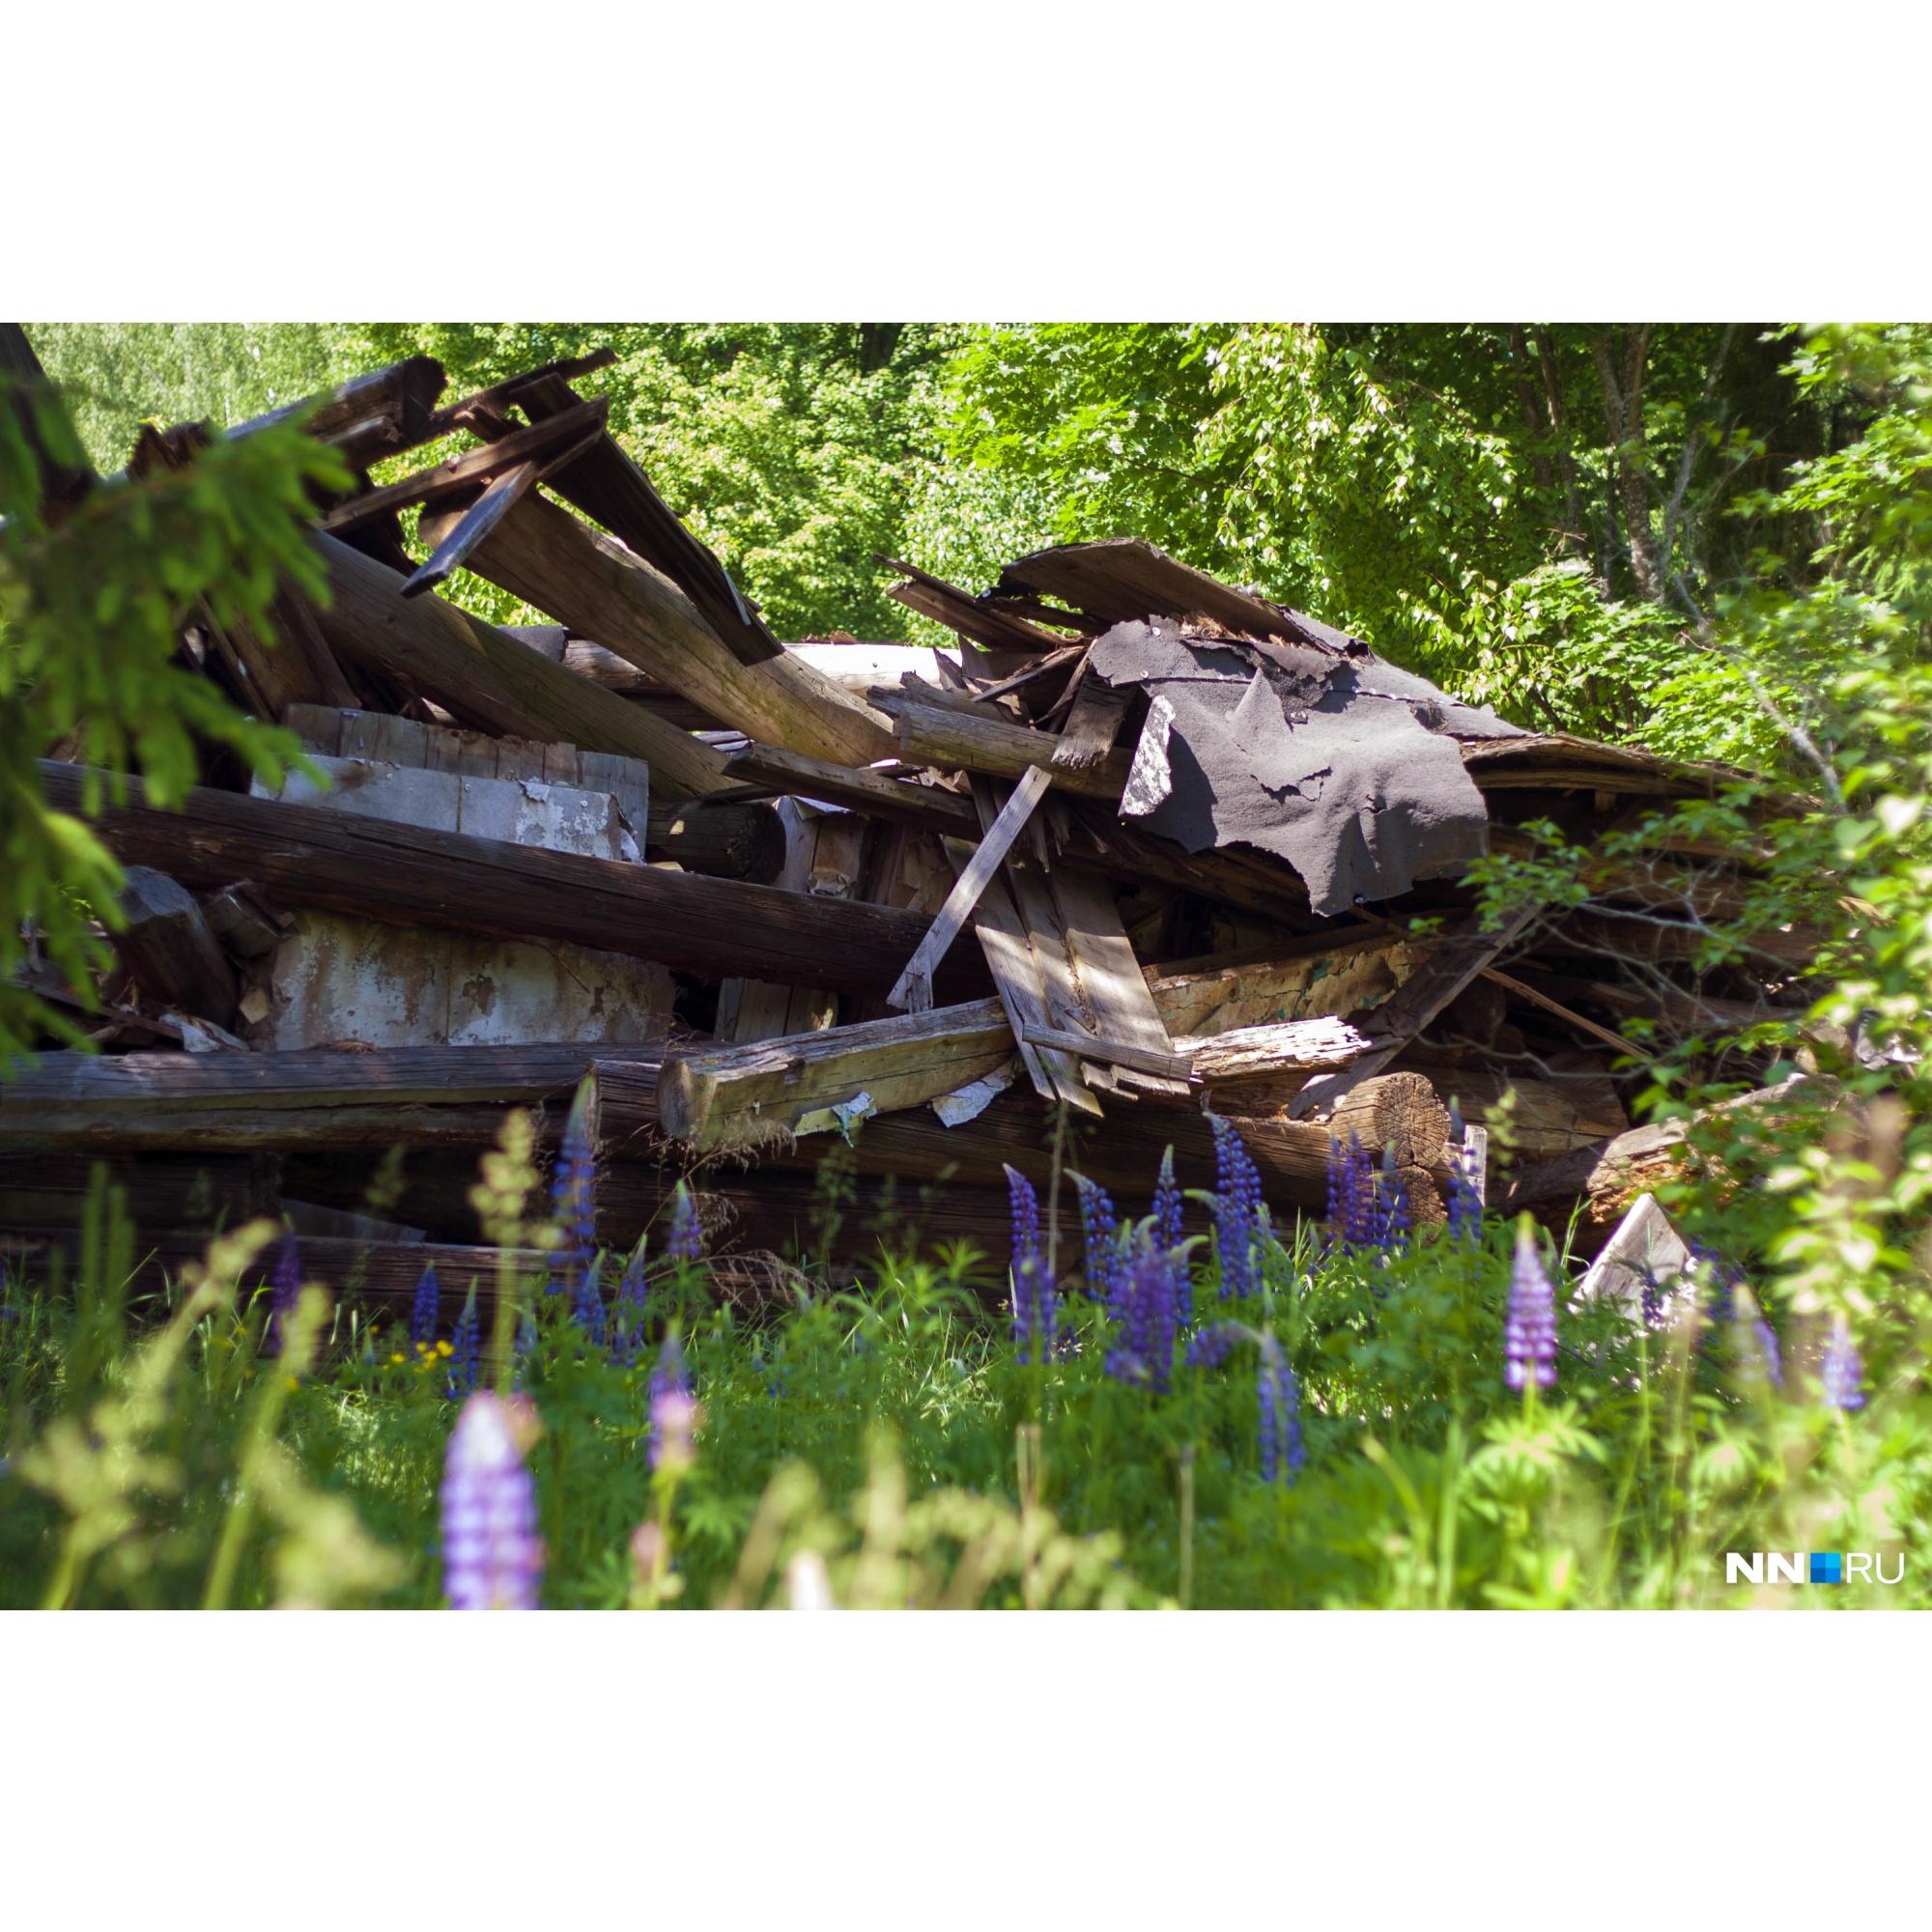 В нежилых деревнях лес быстро забирает свое